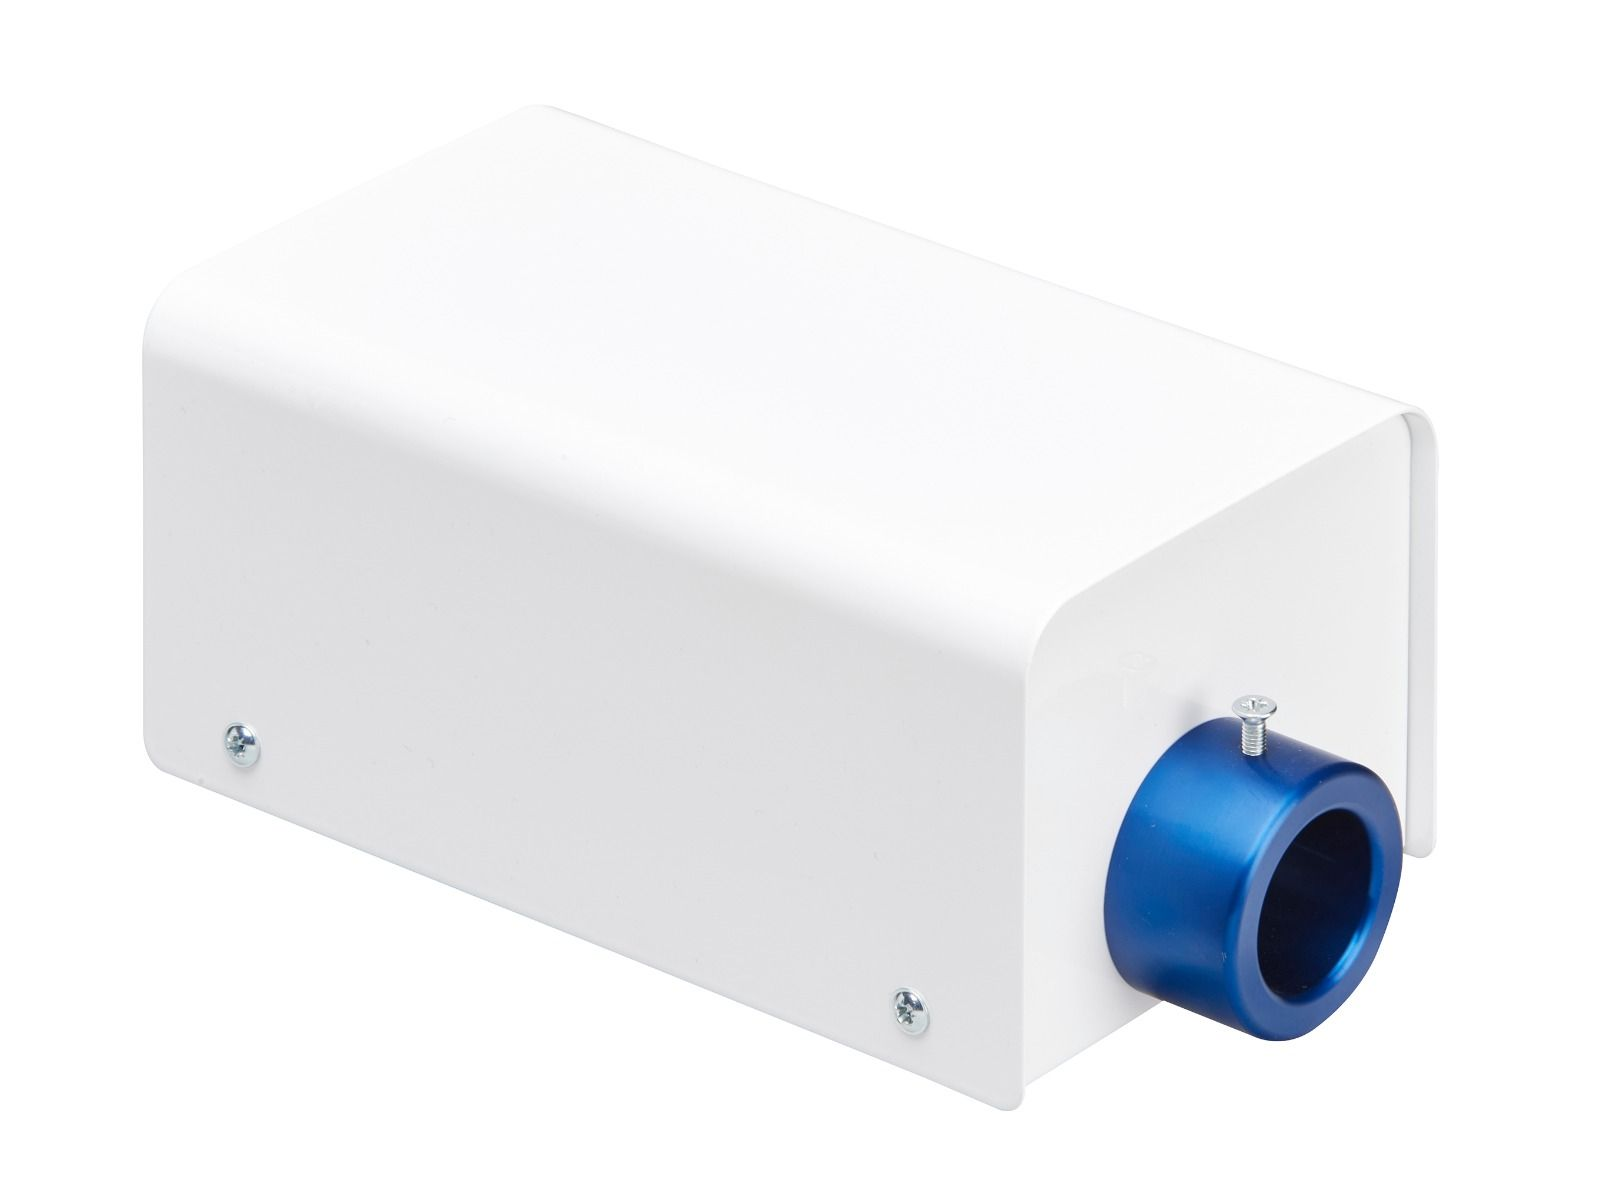 Micro LED Lightsource